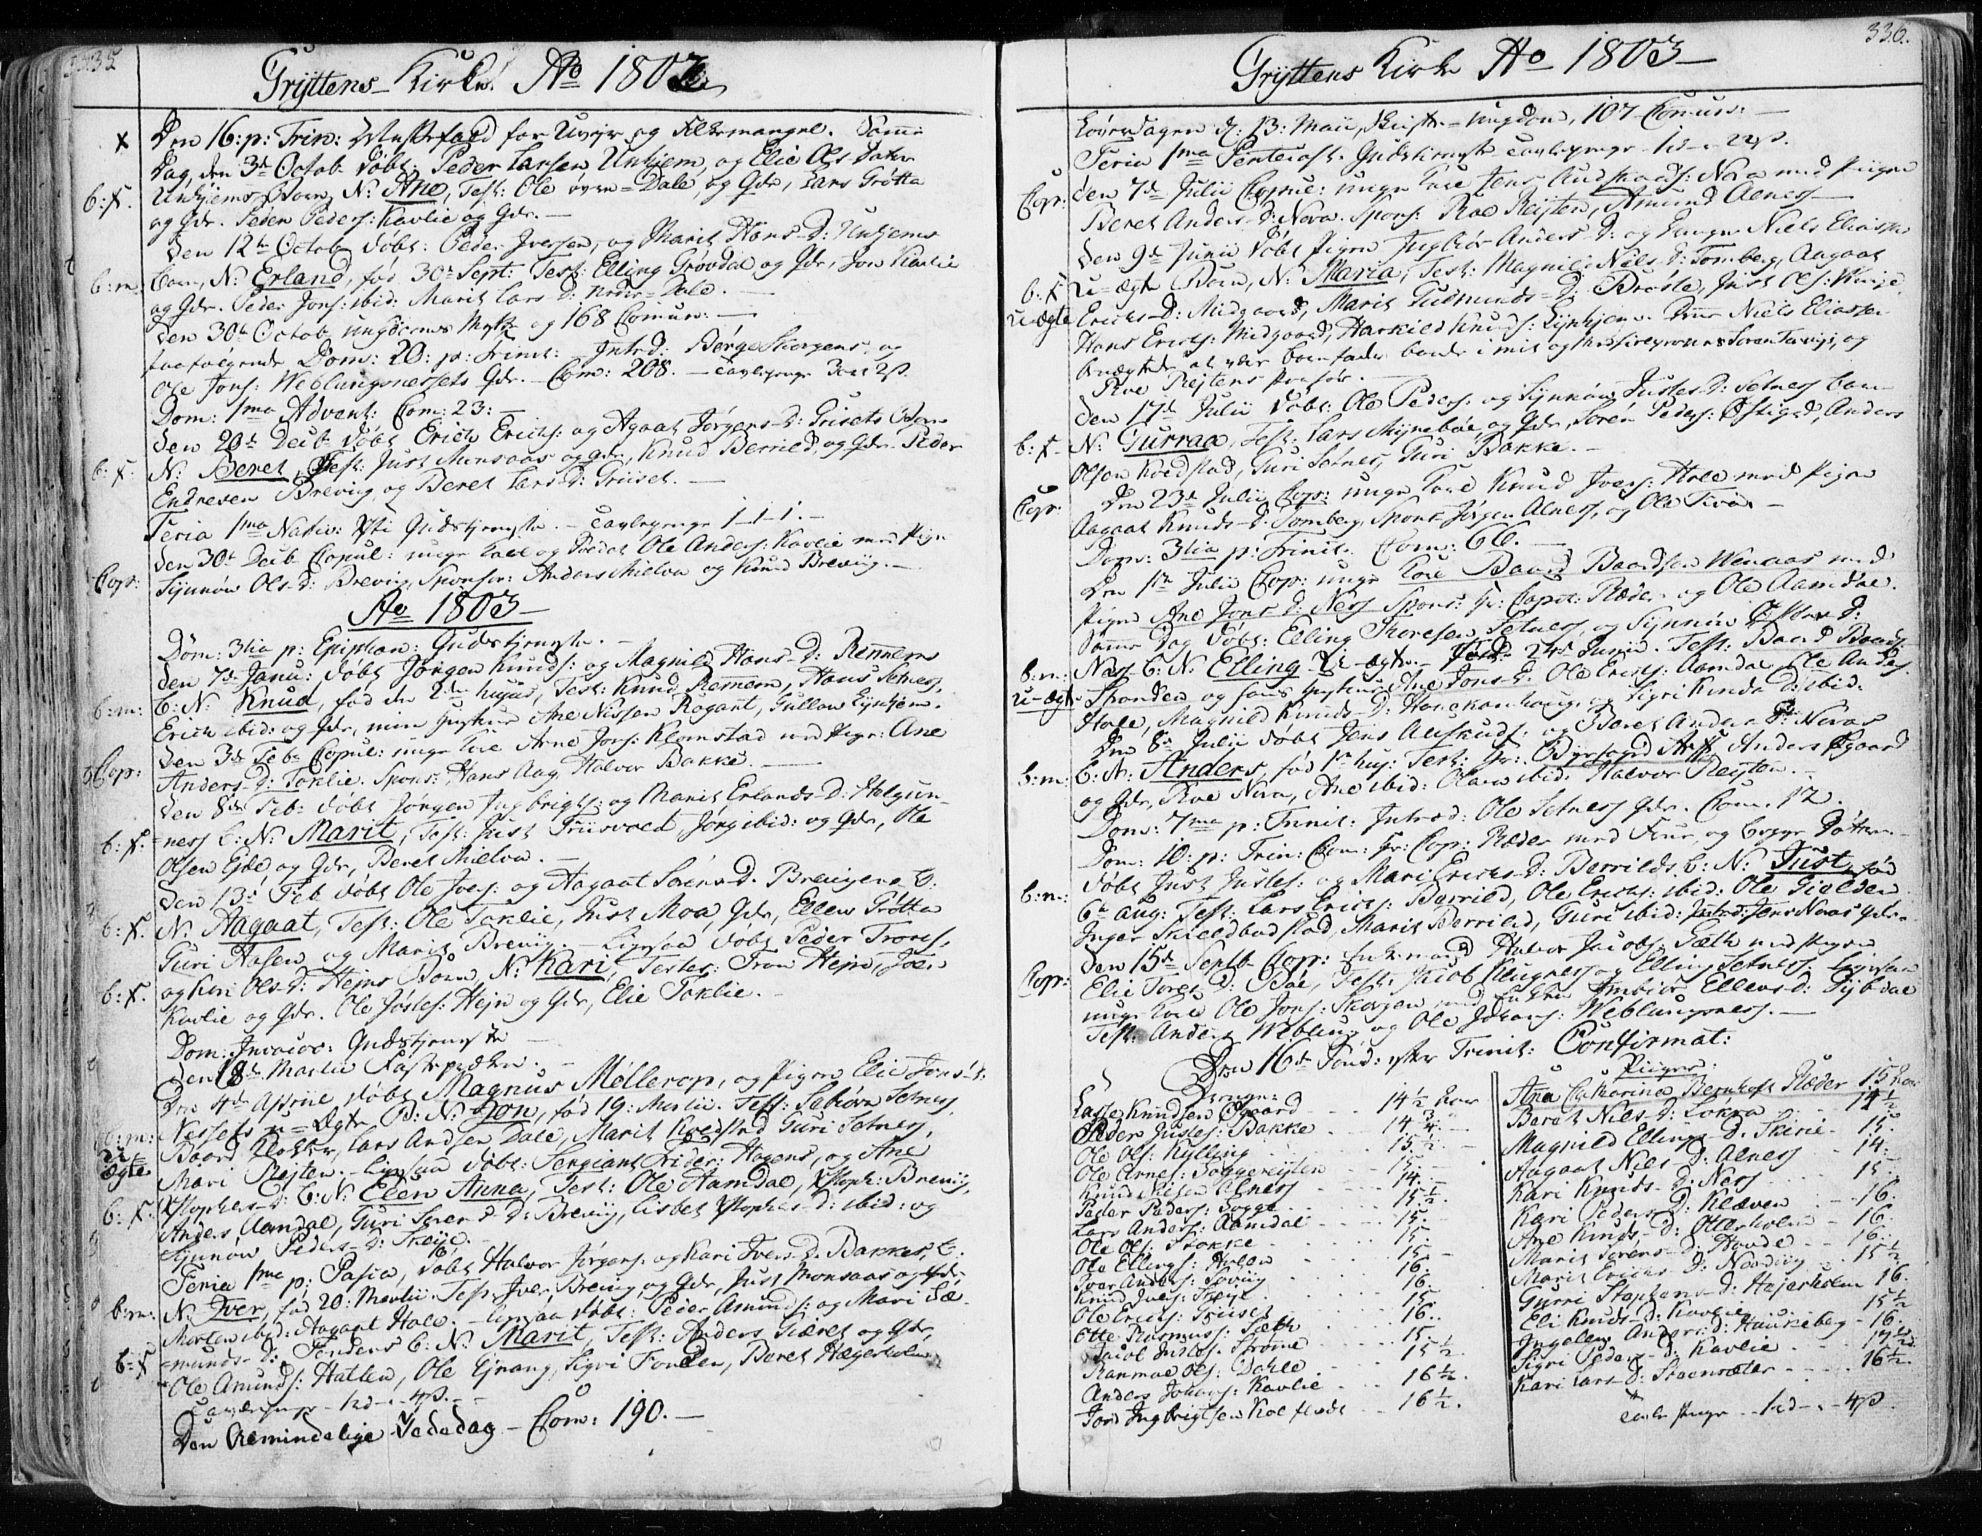 SAT, Ministerialprotokoller, klokkerbøker og fødselsregistre - Møre og Romsdal, 544/L0569: Ministerialbok nr. 544A02, 1764-1806, s. 335-336